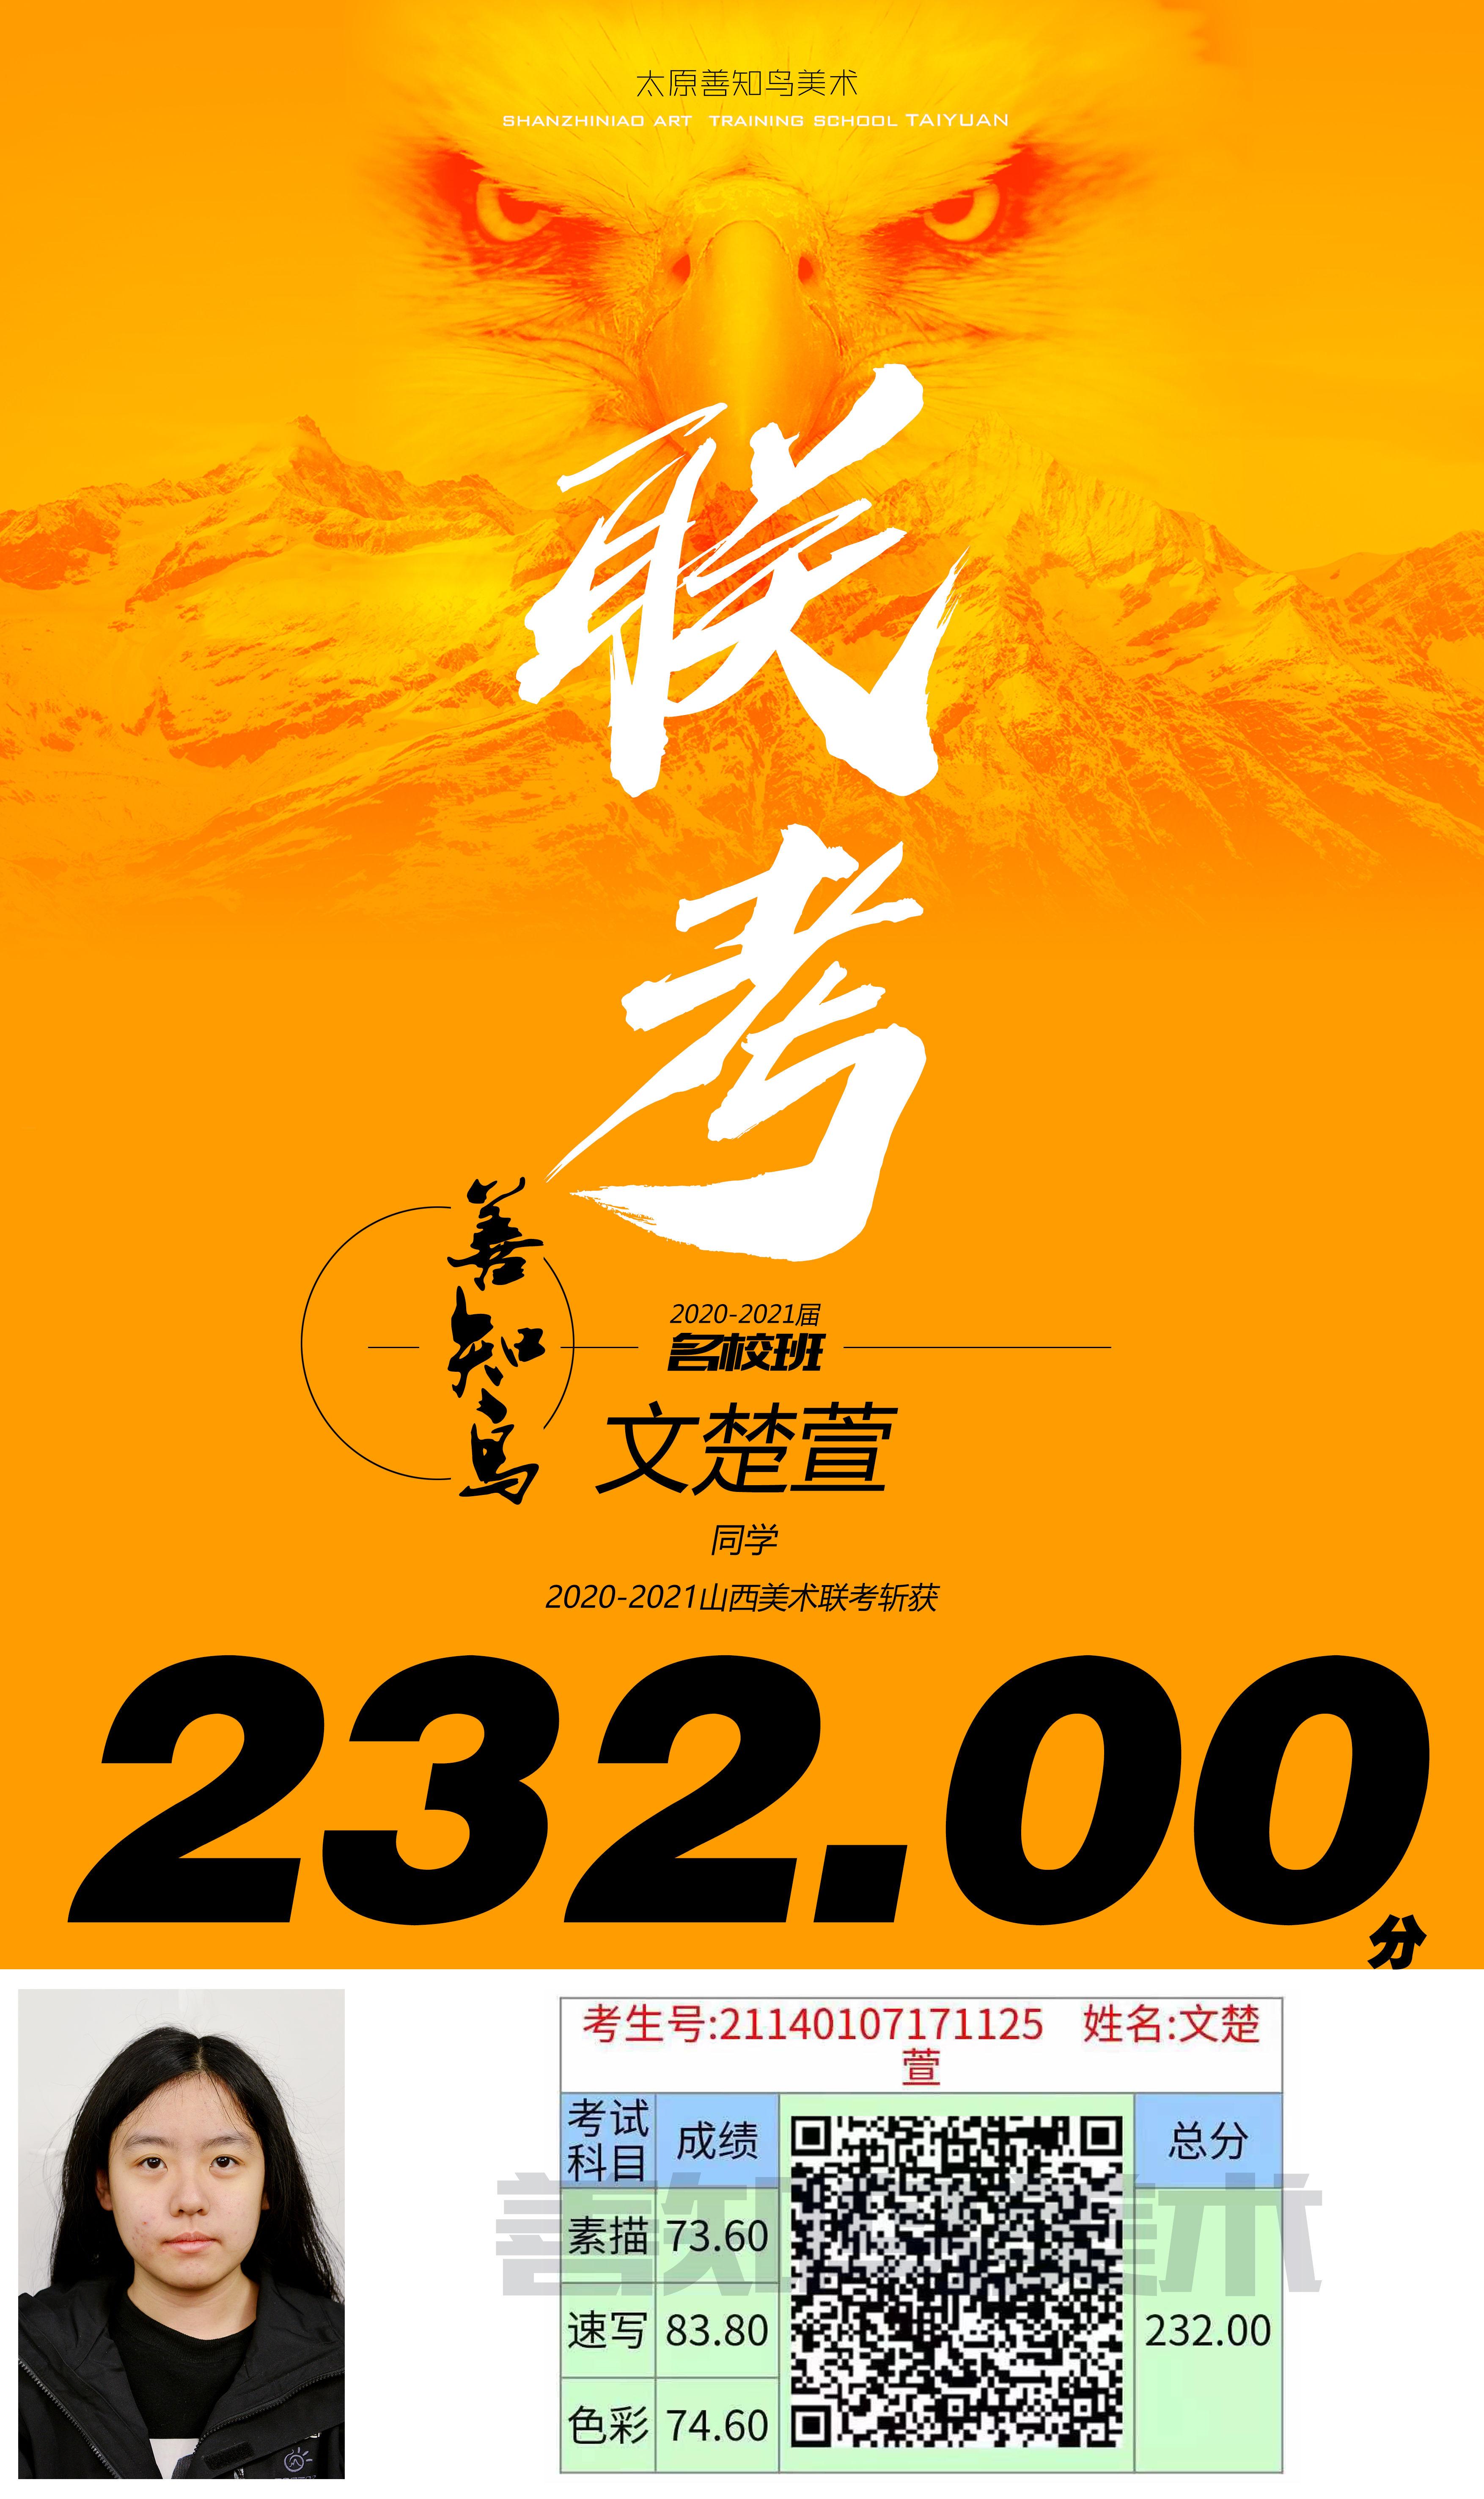 232.00文楚萱.jpg